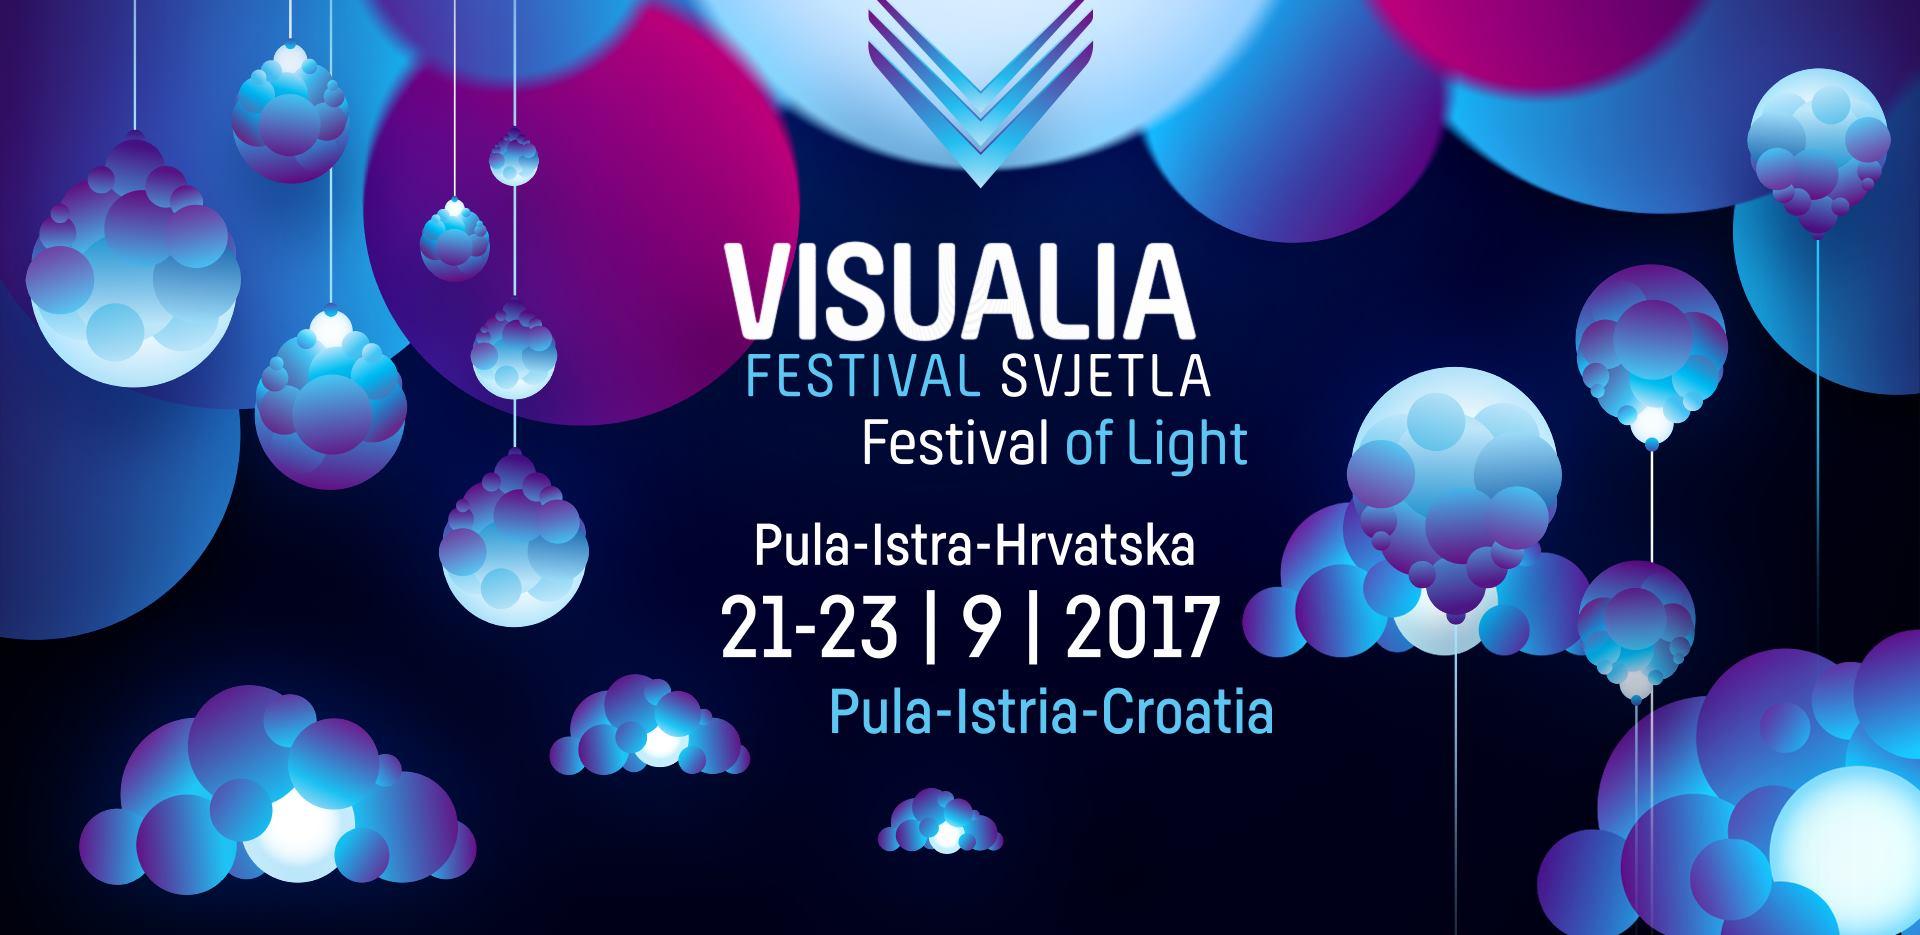 VISUALIA FESTIVAL 2017 Dean Skira predstavio Svjetlosni paviljon 'Twisted'